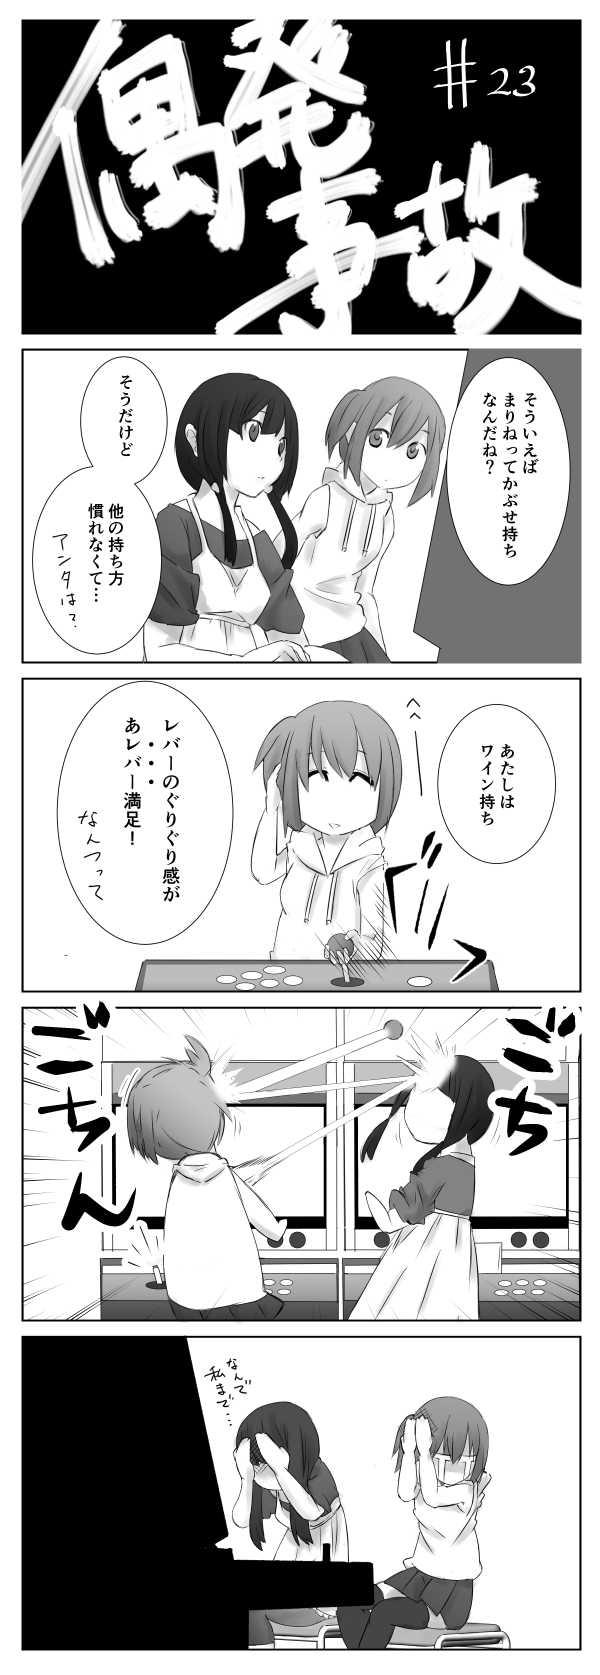 たゆたRom. 23本目「偶発事故」